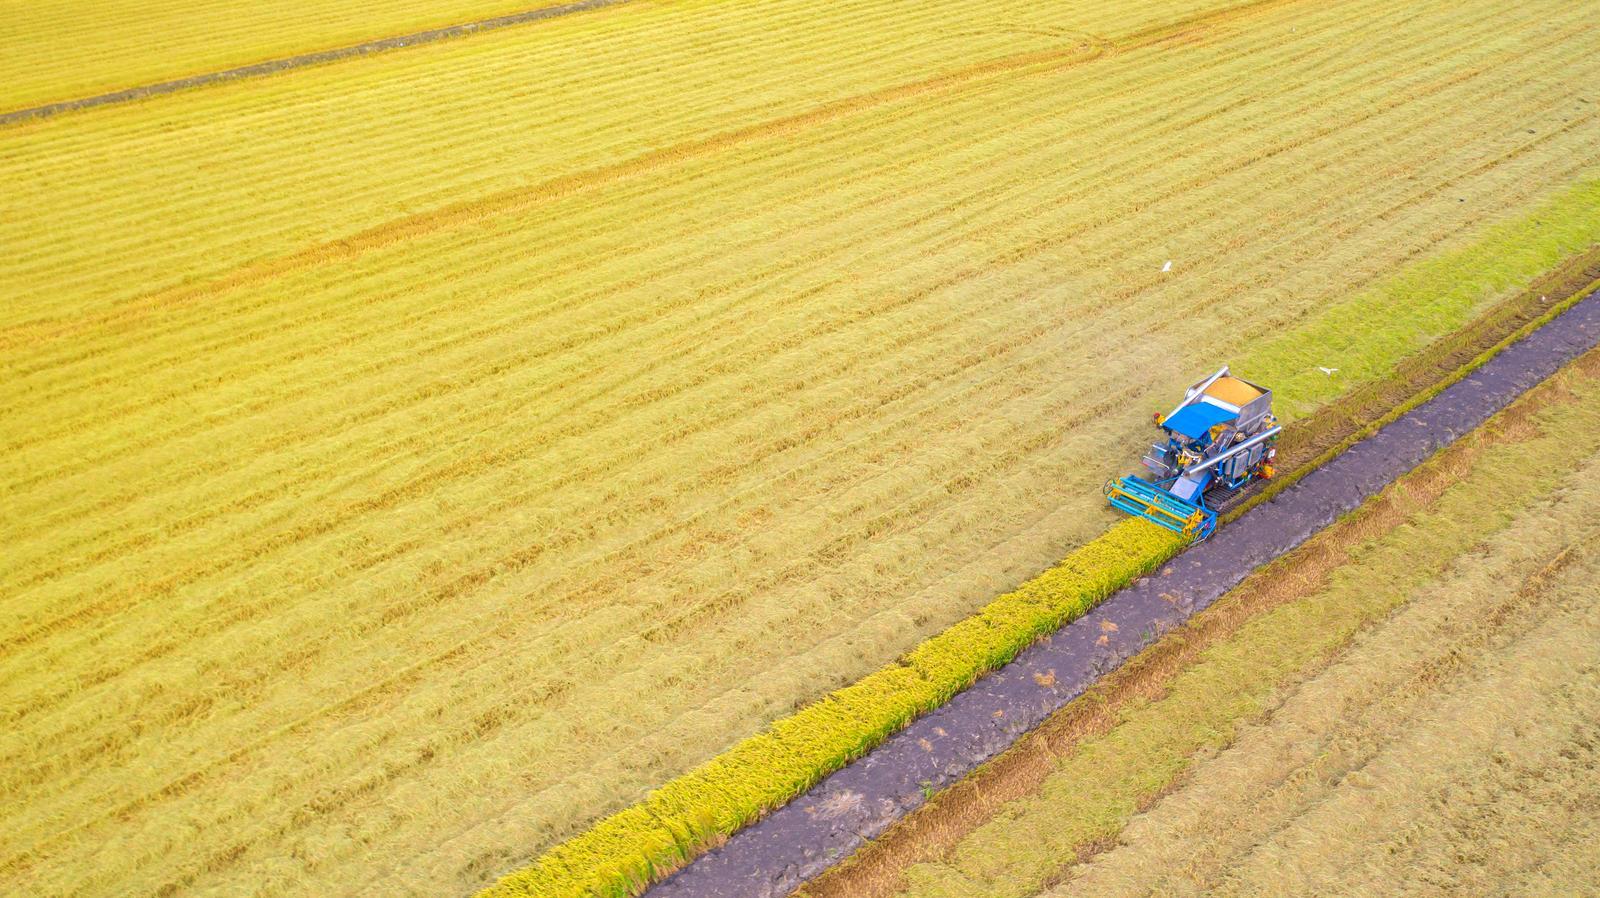 Põllumajandusmasinate tootmine Lääne-Virumaal